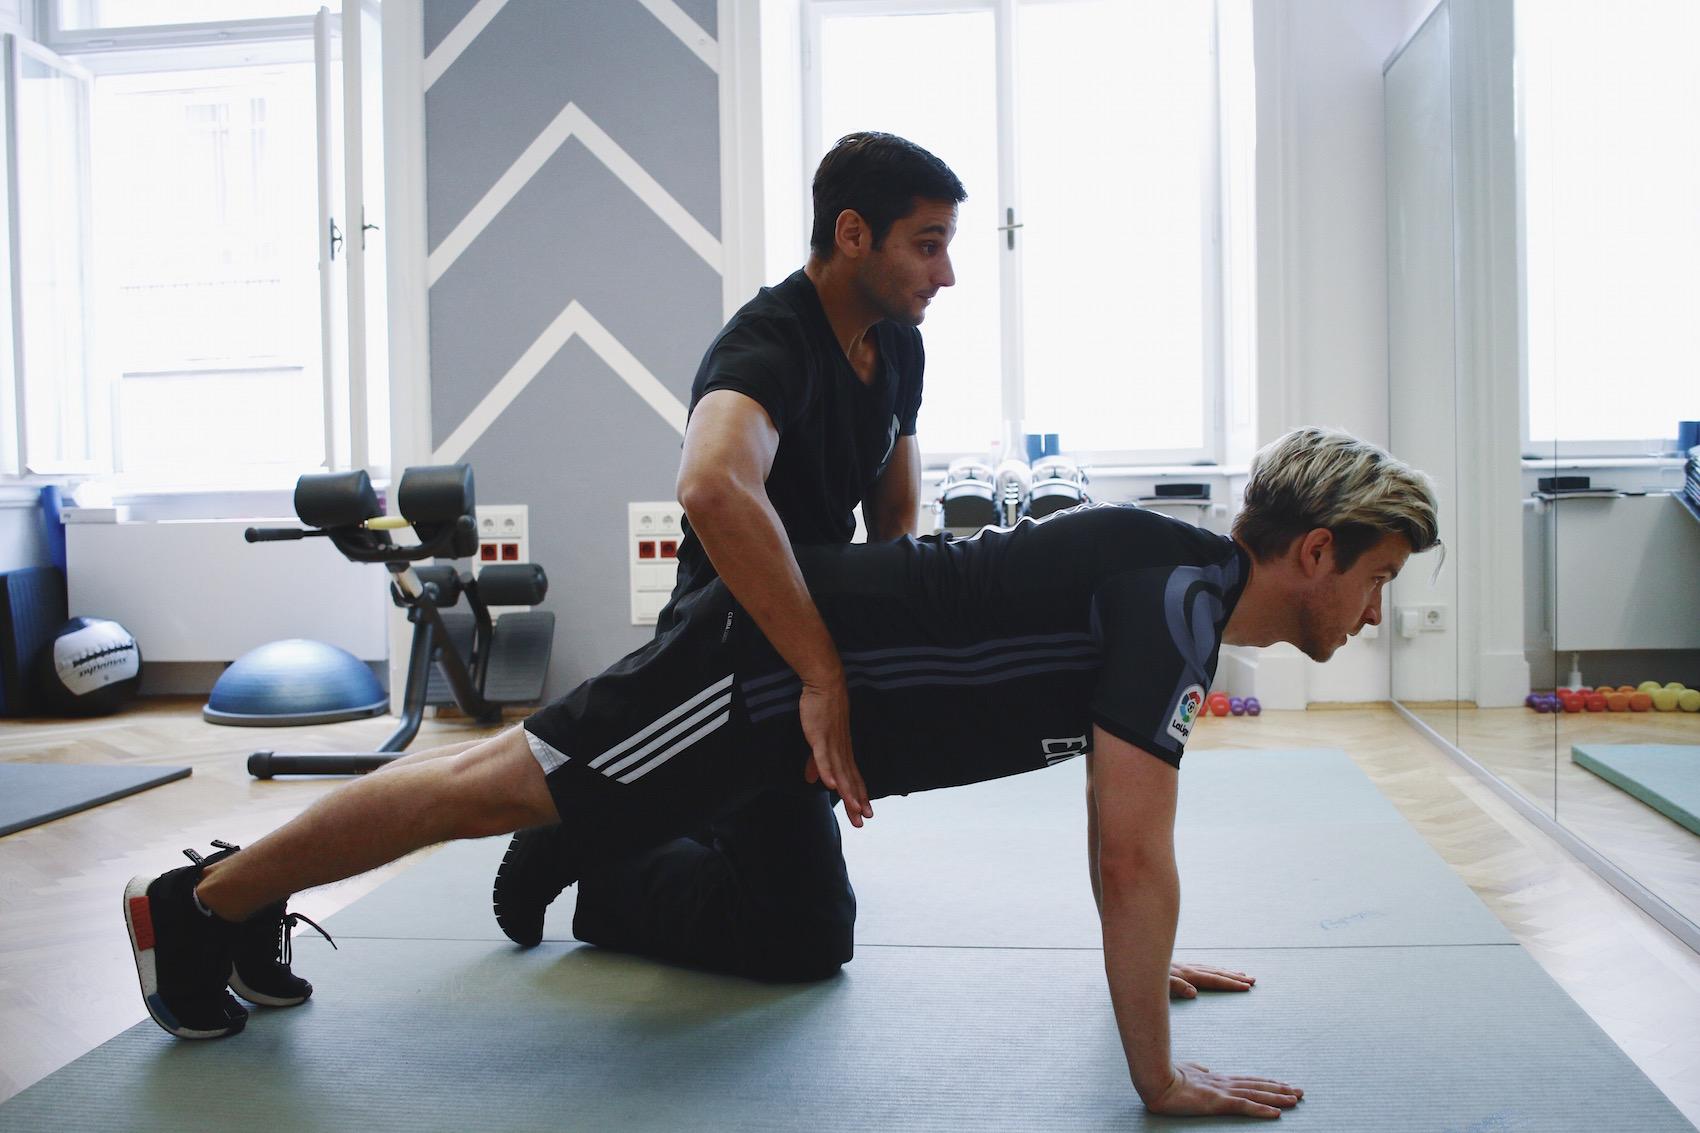 Brusttraining mit eigenem Körpergewicht_Liegestützen und Dips richtig machen_Meanwhile in Awesometown_Wiener Männermode und Lifestyle Blogger